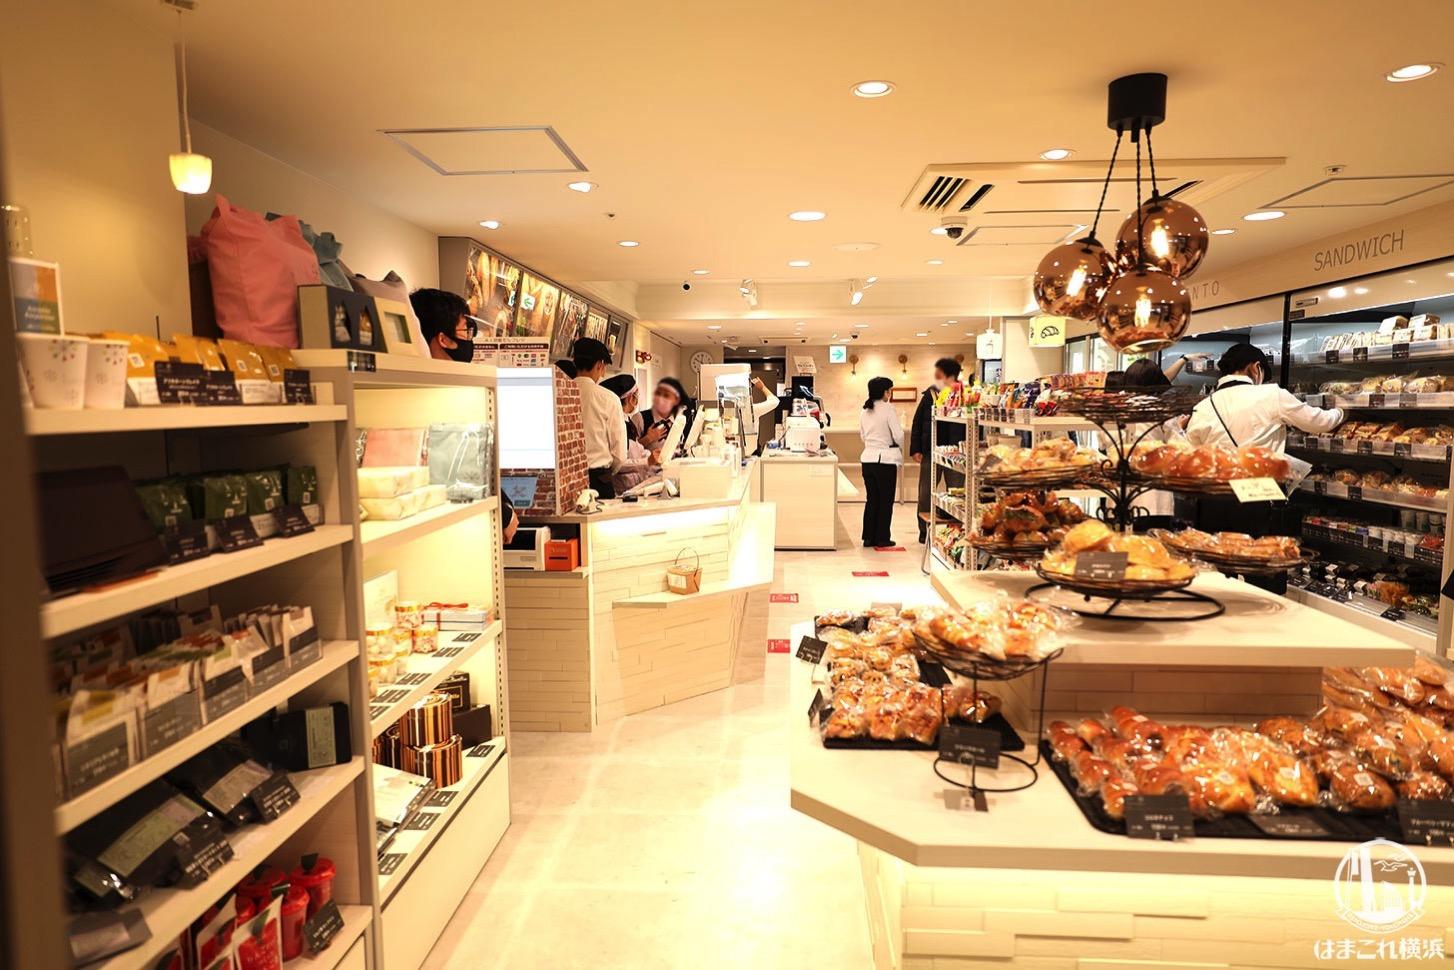 横浜高島屋「ハマプラ」はコンビニ感覚で立ち寄れる!パンや惣菜、ココだけのグルメも